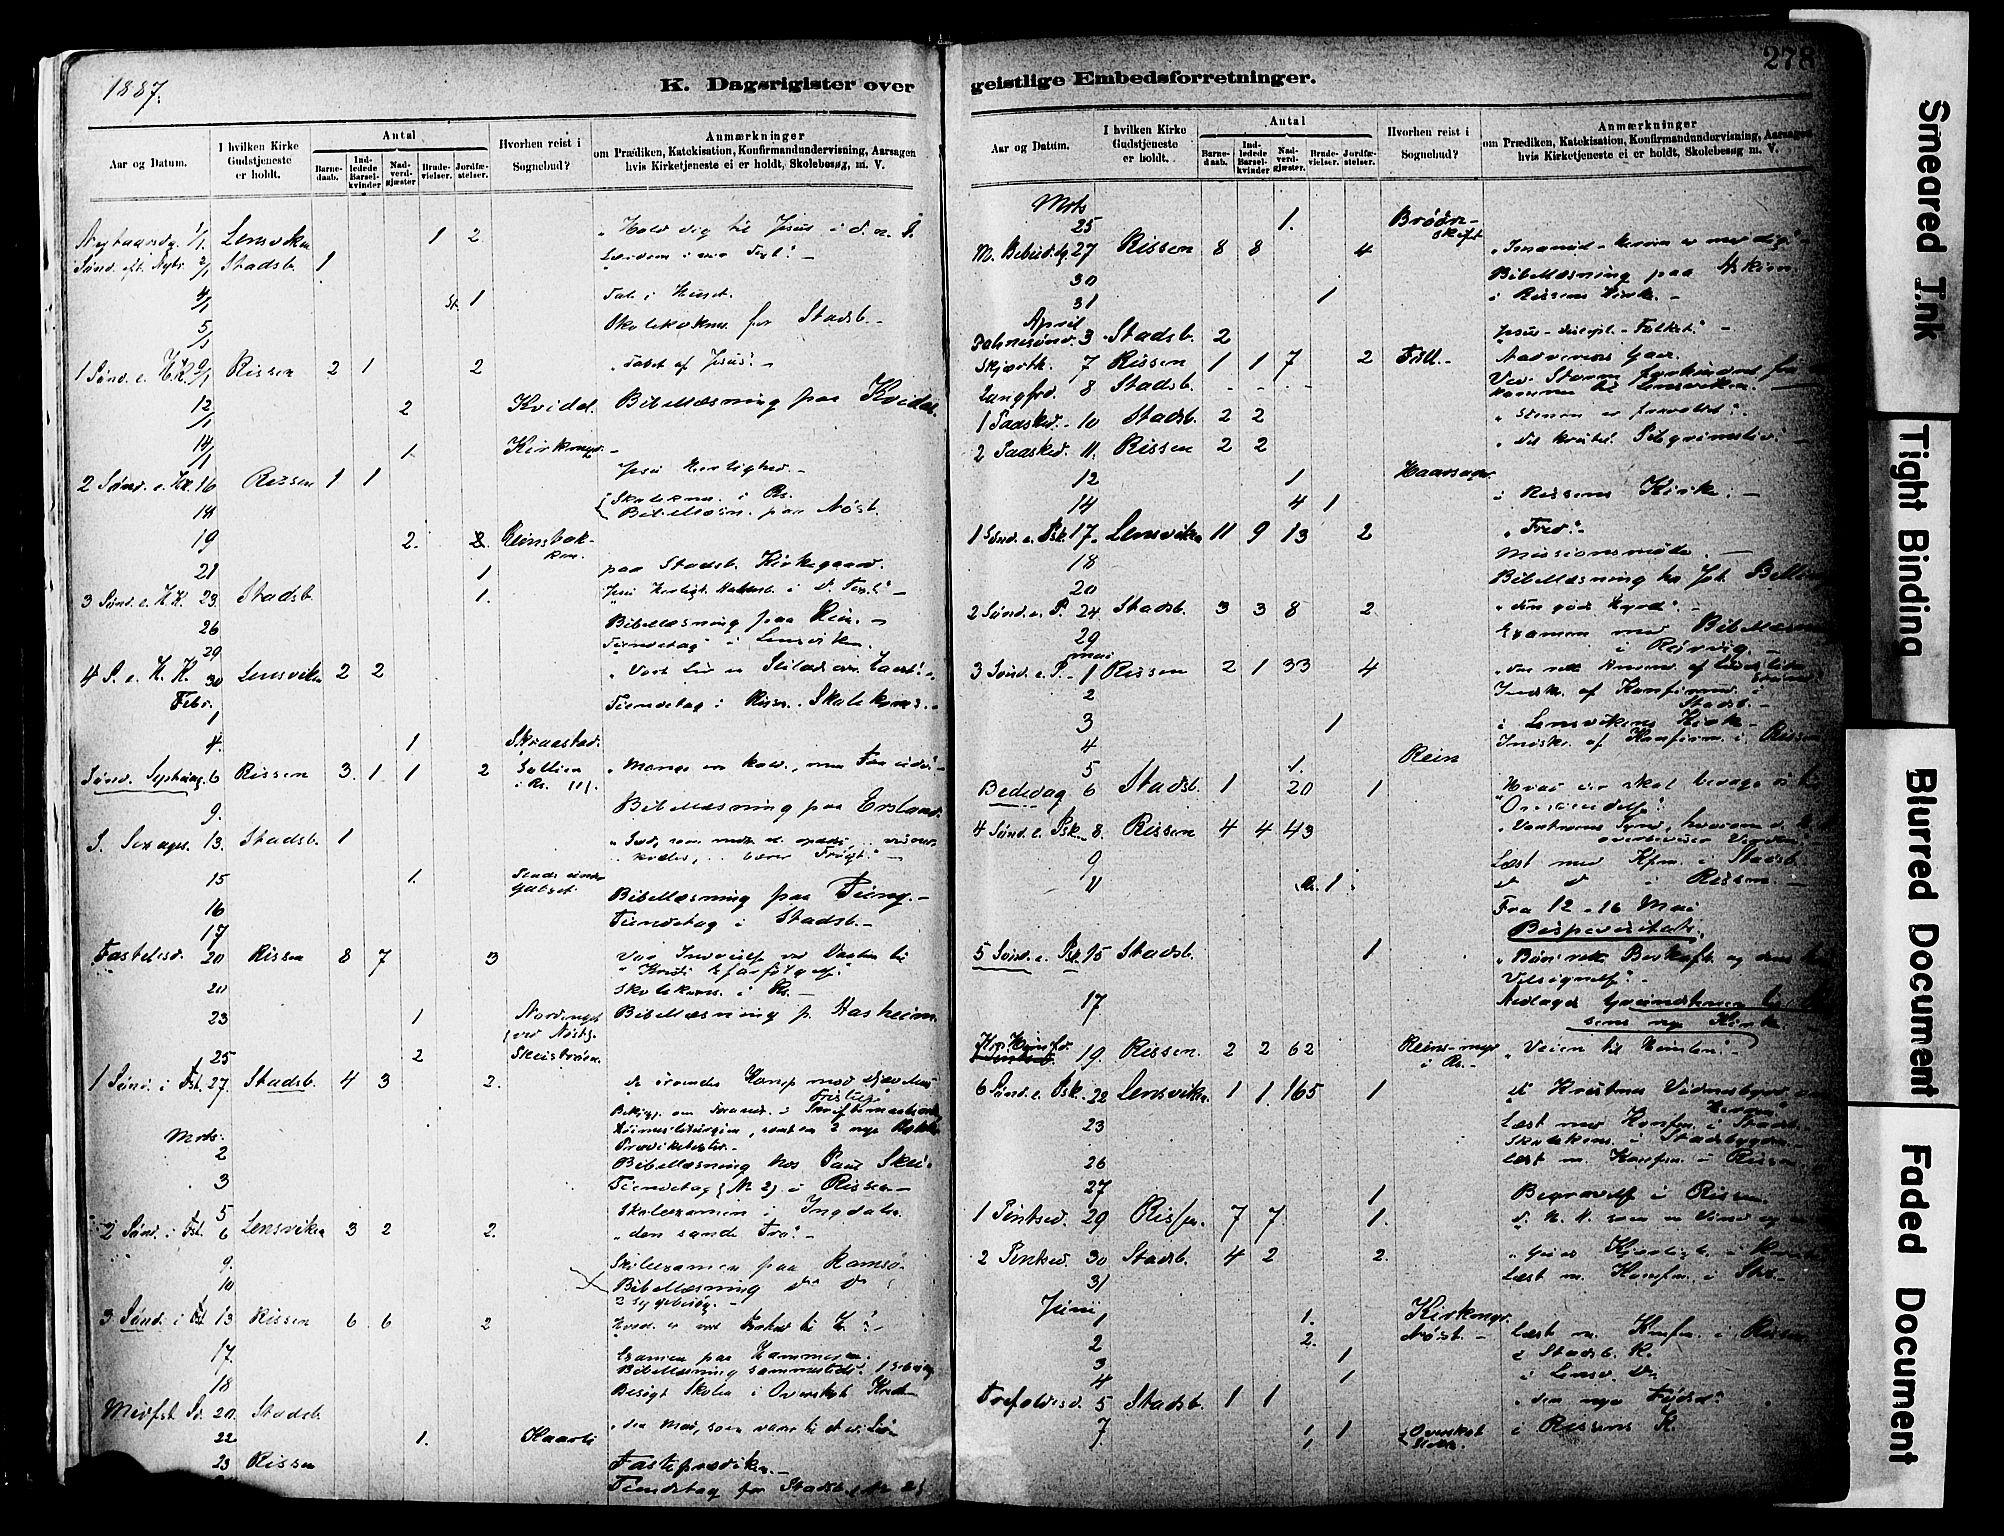 SAT, Ministerialprotokoller, klokkerbøker og fødselsregistre - Sør-Trøndelag, 646/L0615: Ministerialbok nr. 646A13, 1885-1900, s. 278